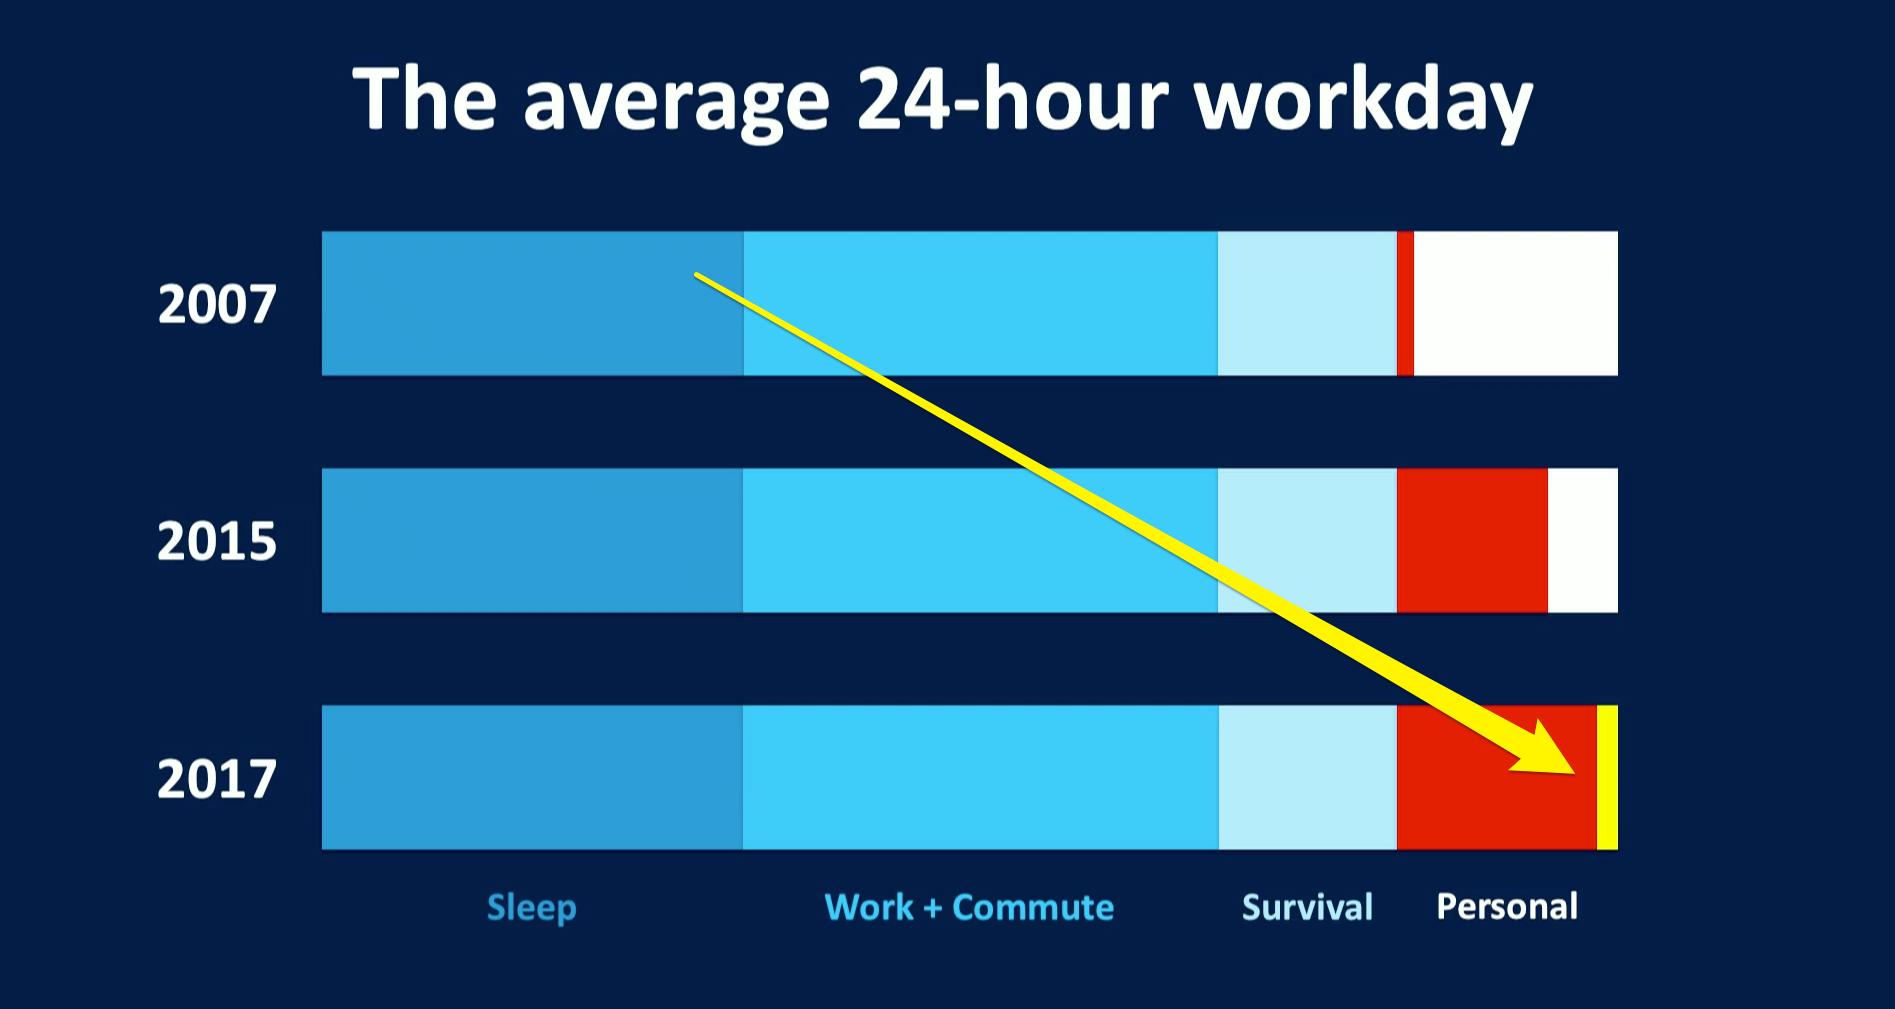 На что люди тратят время в рабочий день: сон, работа+дорога, базовые потребности, личное время. Фото: businessinsider.com